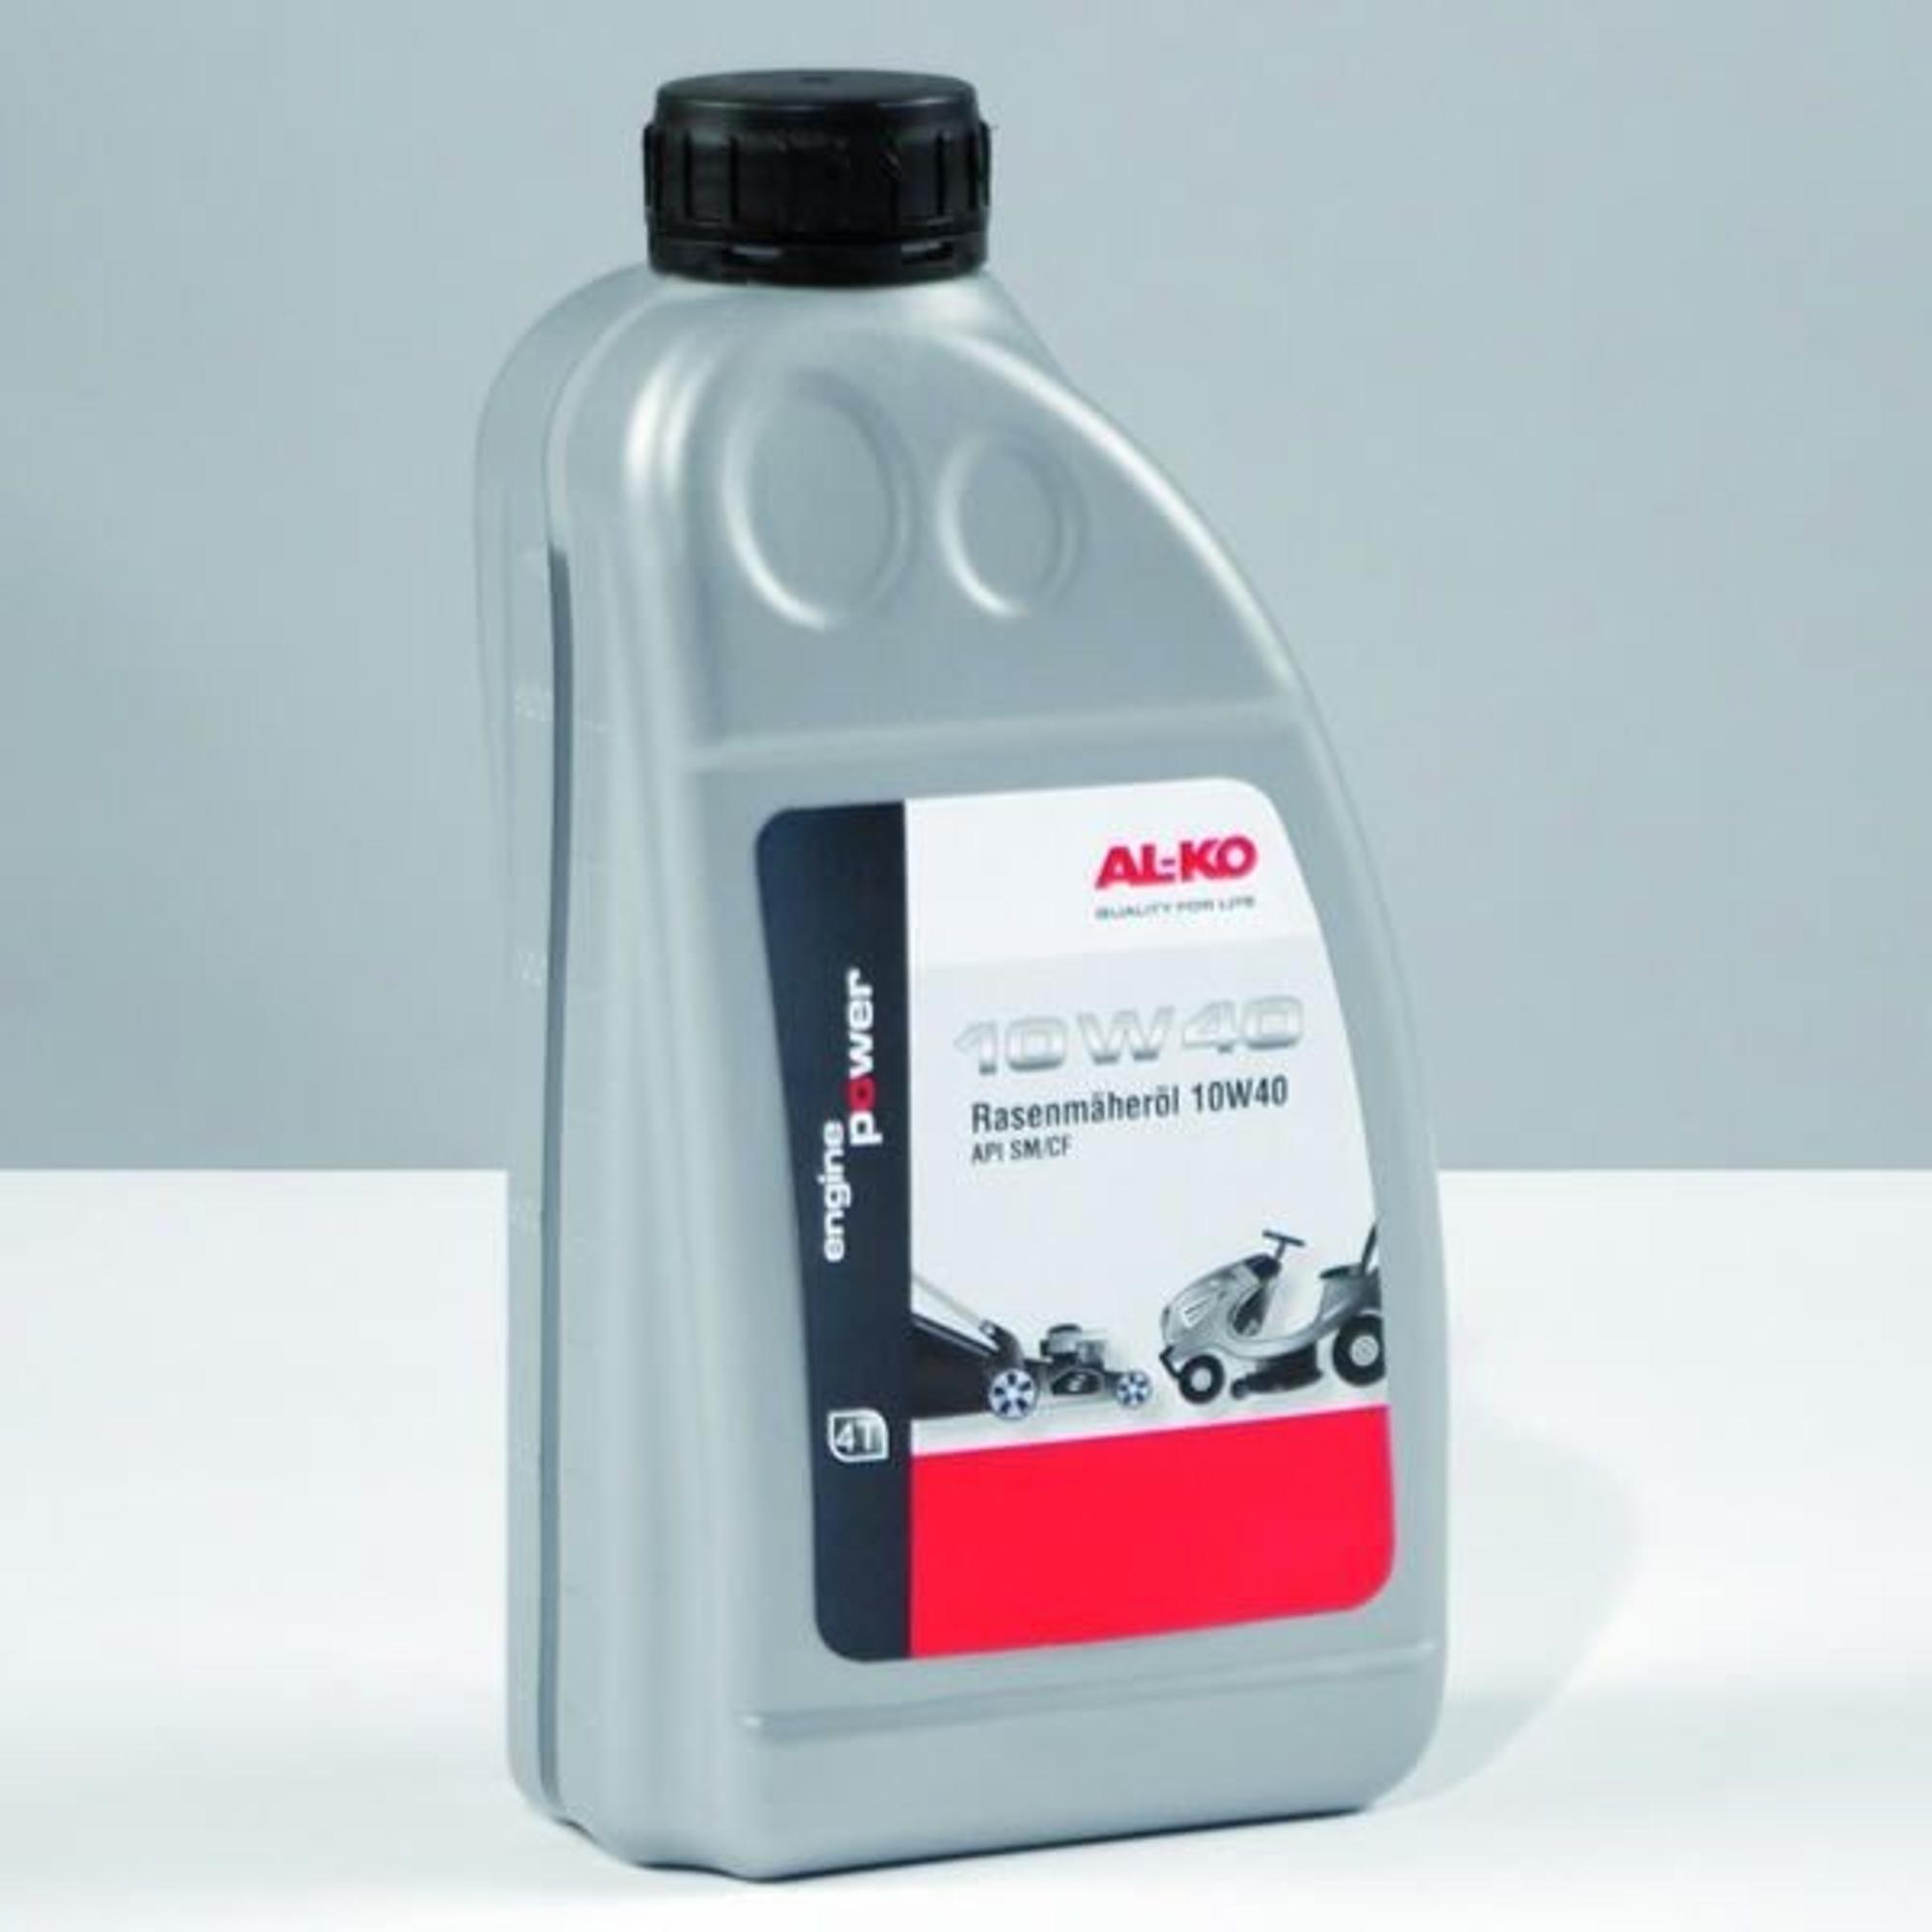 AL-KO fűnyírógép olaj 10W40 - 1,0 L 112901